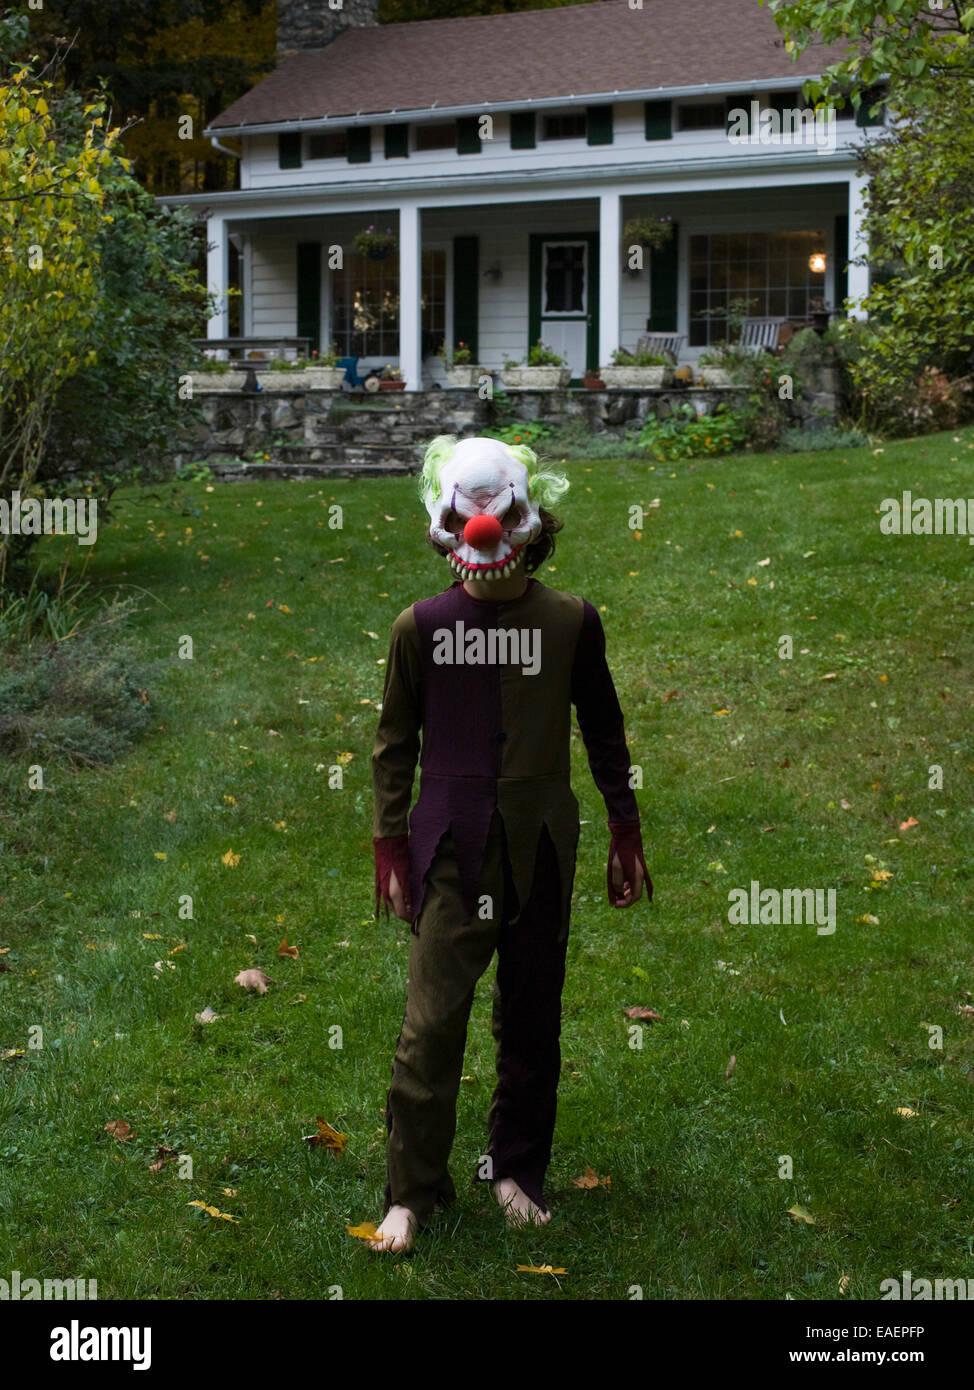 Garçon en costume Halloween et masque sur la pelouse en face de la maison Photo Stock